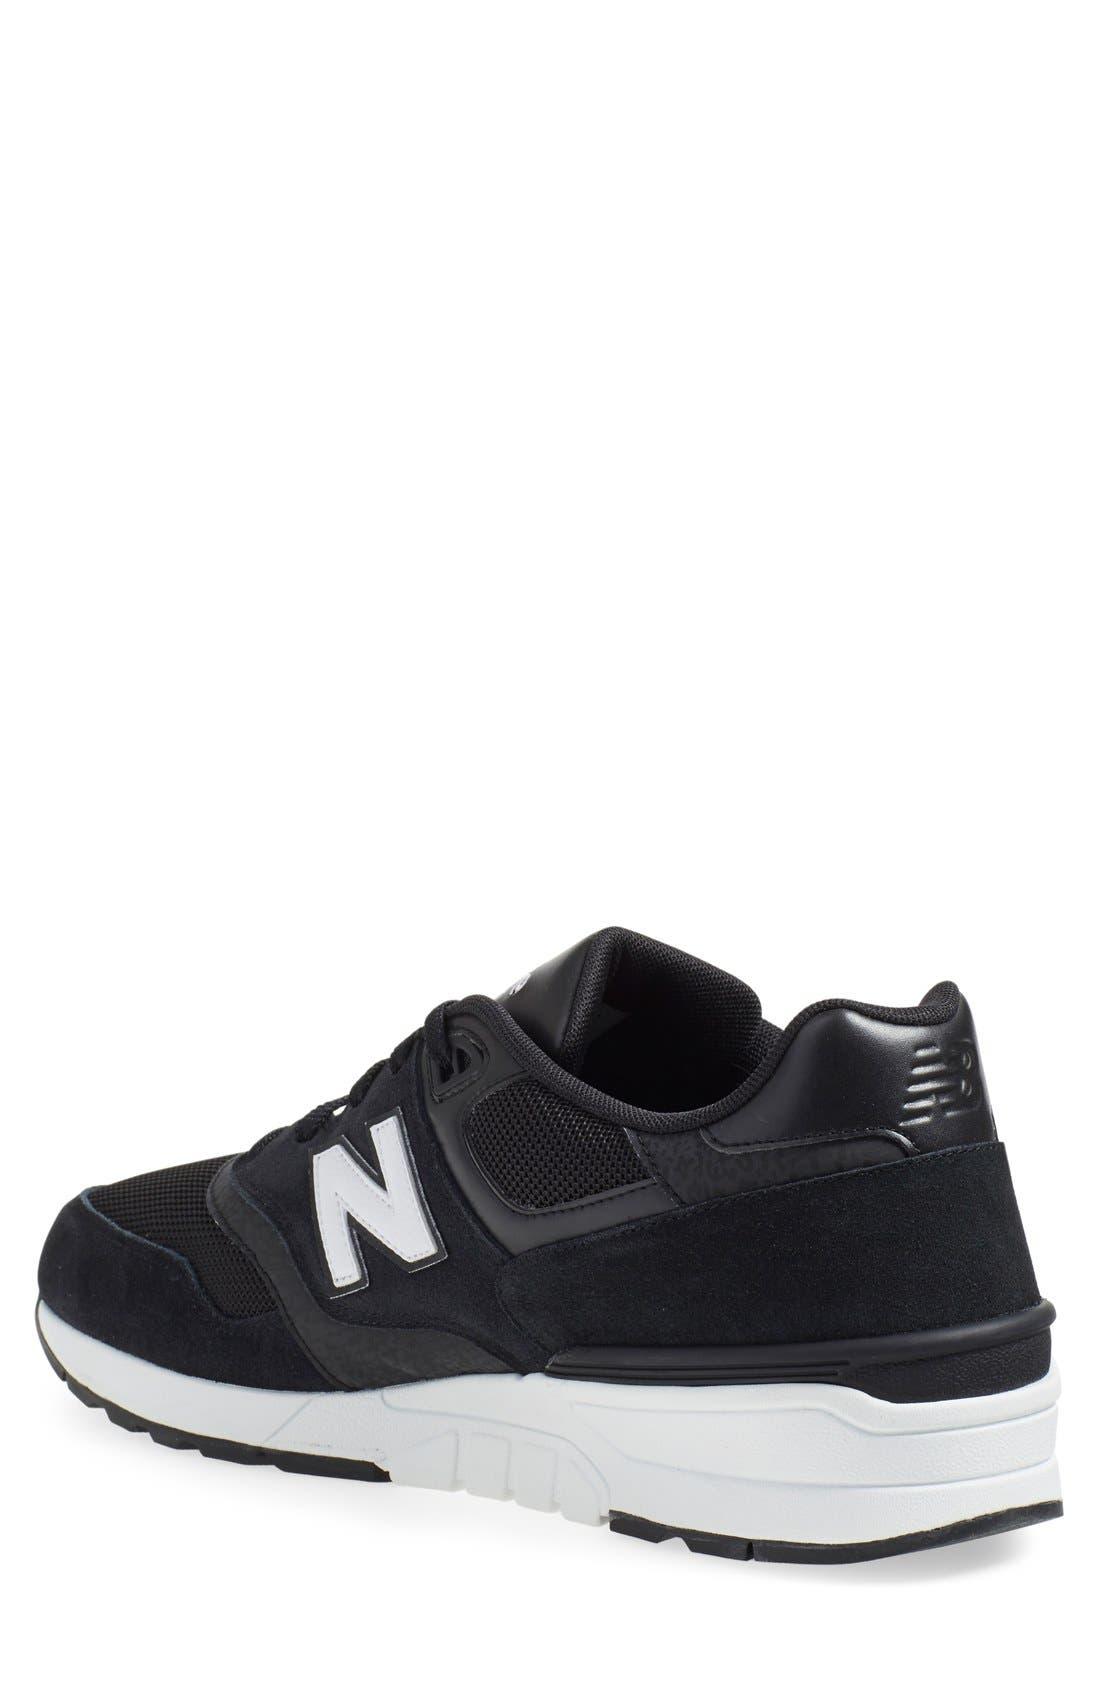 '597' Sneaker,                             Alternate thumbnail 4, color,                             001